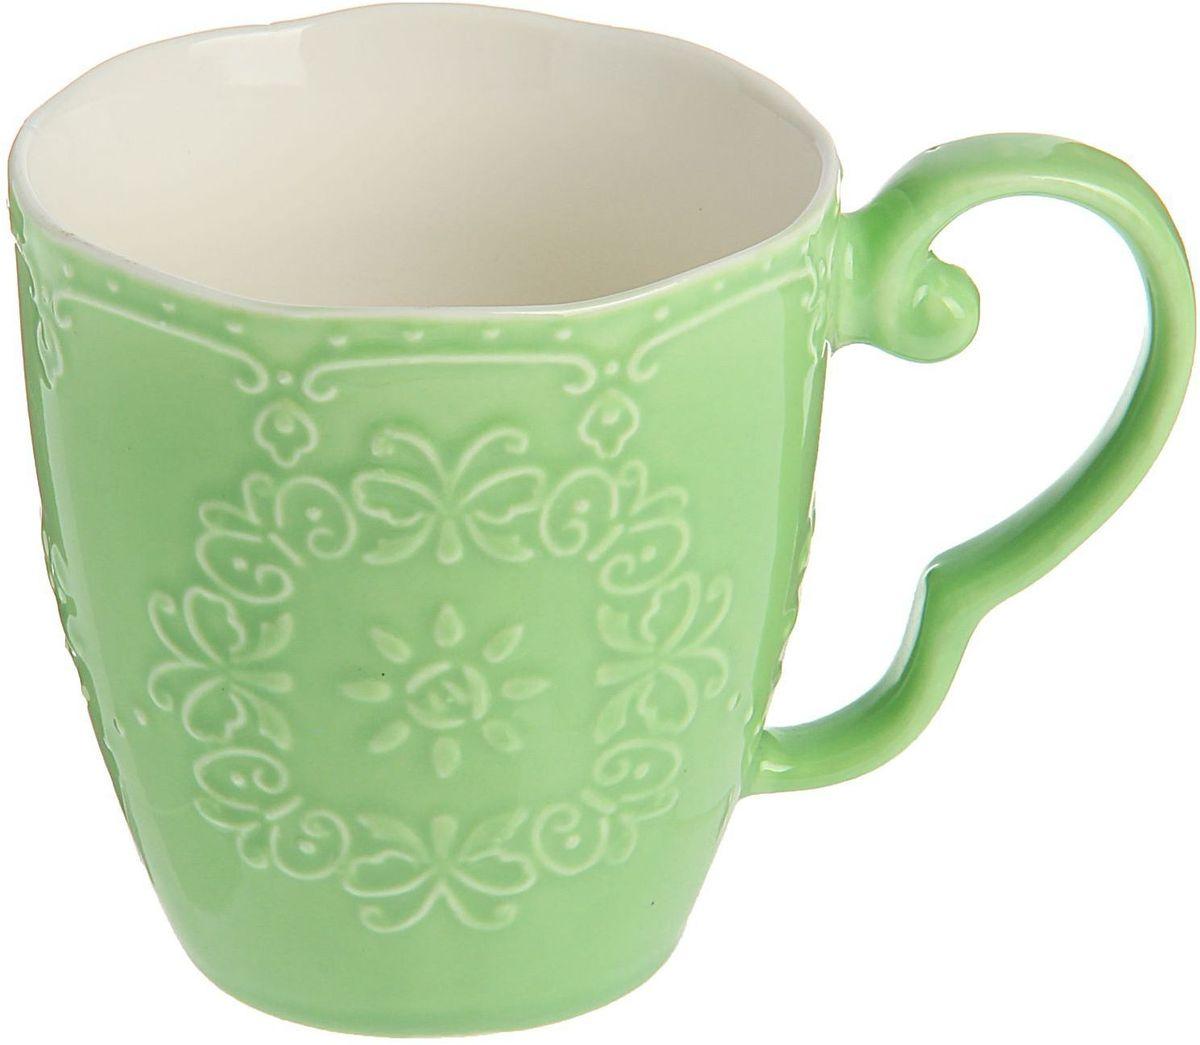 """Кружка Доляна """"Кружева"""" изготовлена из керамики. Корпус чашки украшен выпуклым кружевным рисунком. Кружка станет отличным подарком для родных и близких. Это любимый аксессуар на долгие годы.  Относитесь к изделию бережно, и оно будет дарить прекрасное настроение каждый день."""